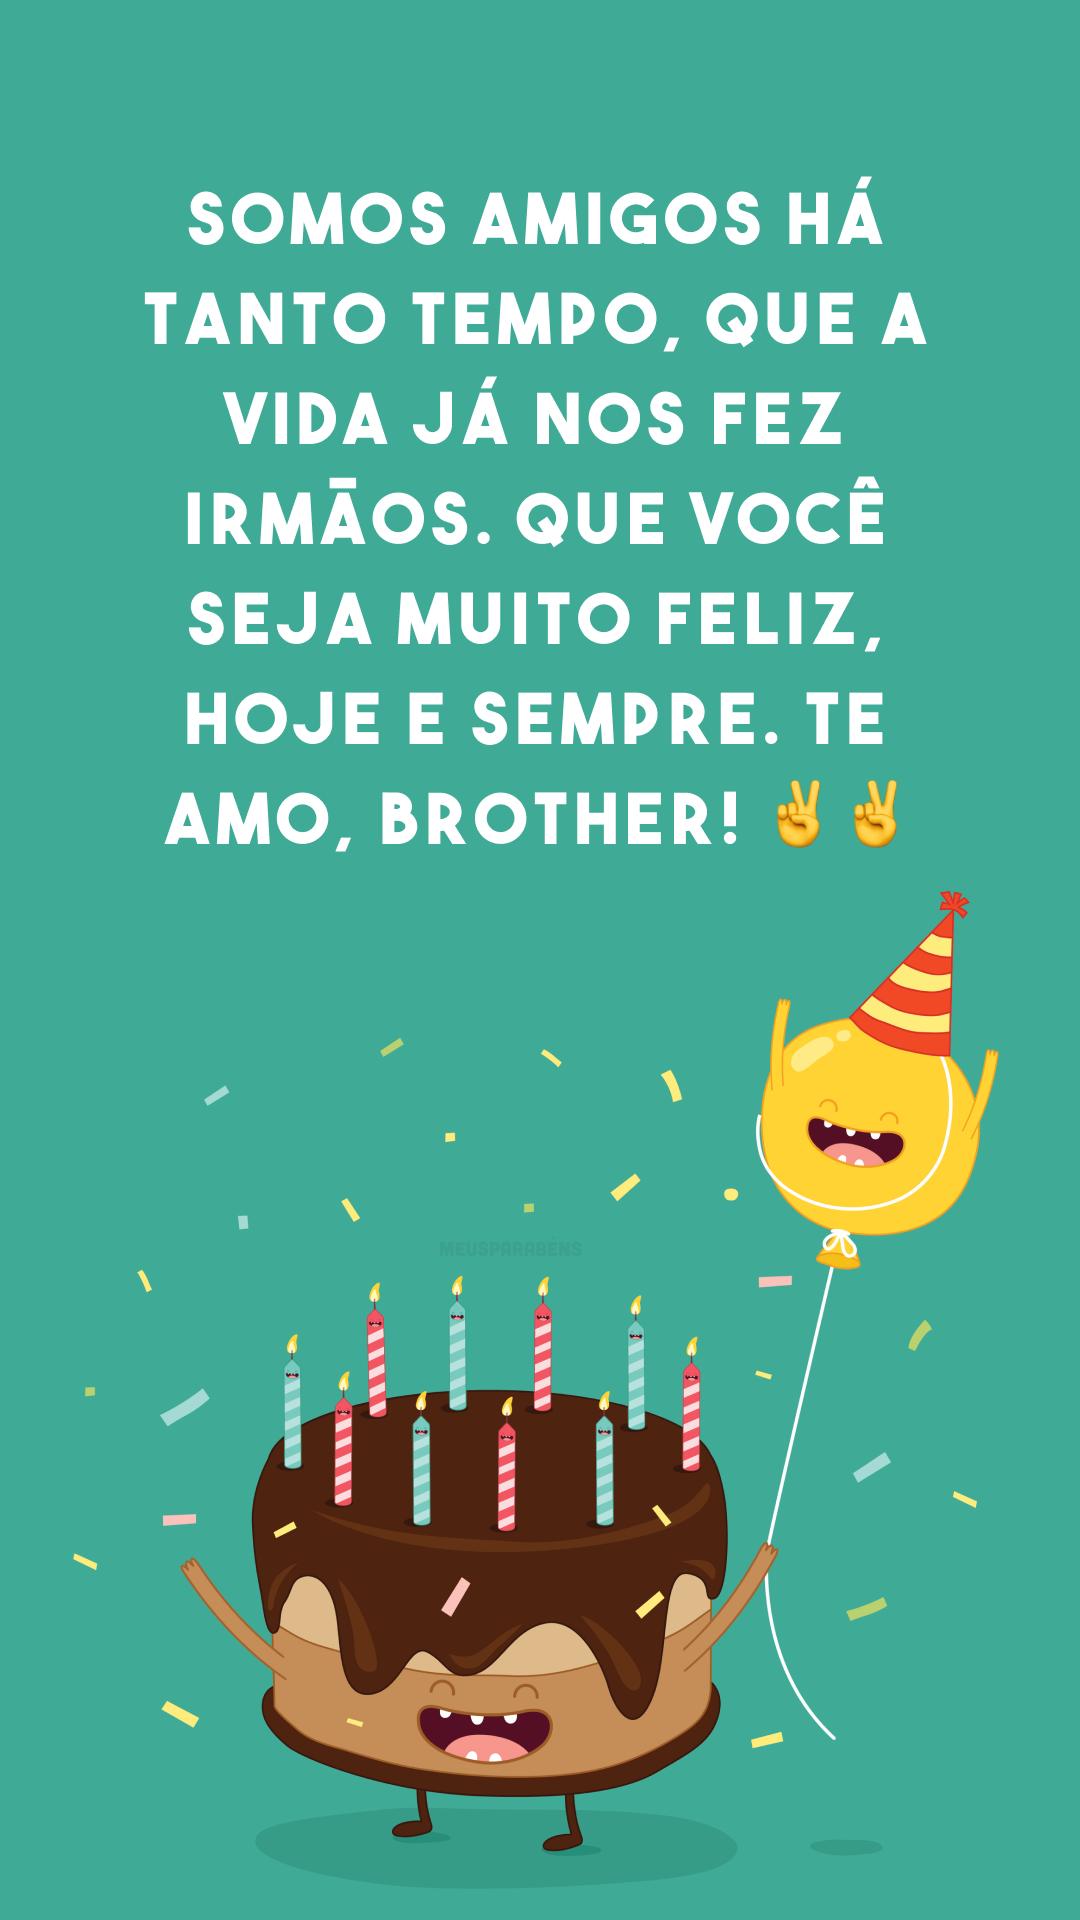 Somos amigos há tanto tempo, que a vida já nos fez irmãos. Que você seja muito feliz, hoje e sempre. Te amo, brother! ✌✌